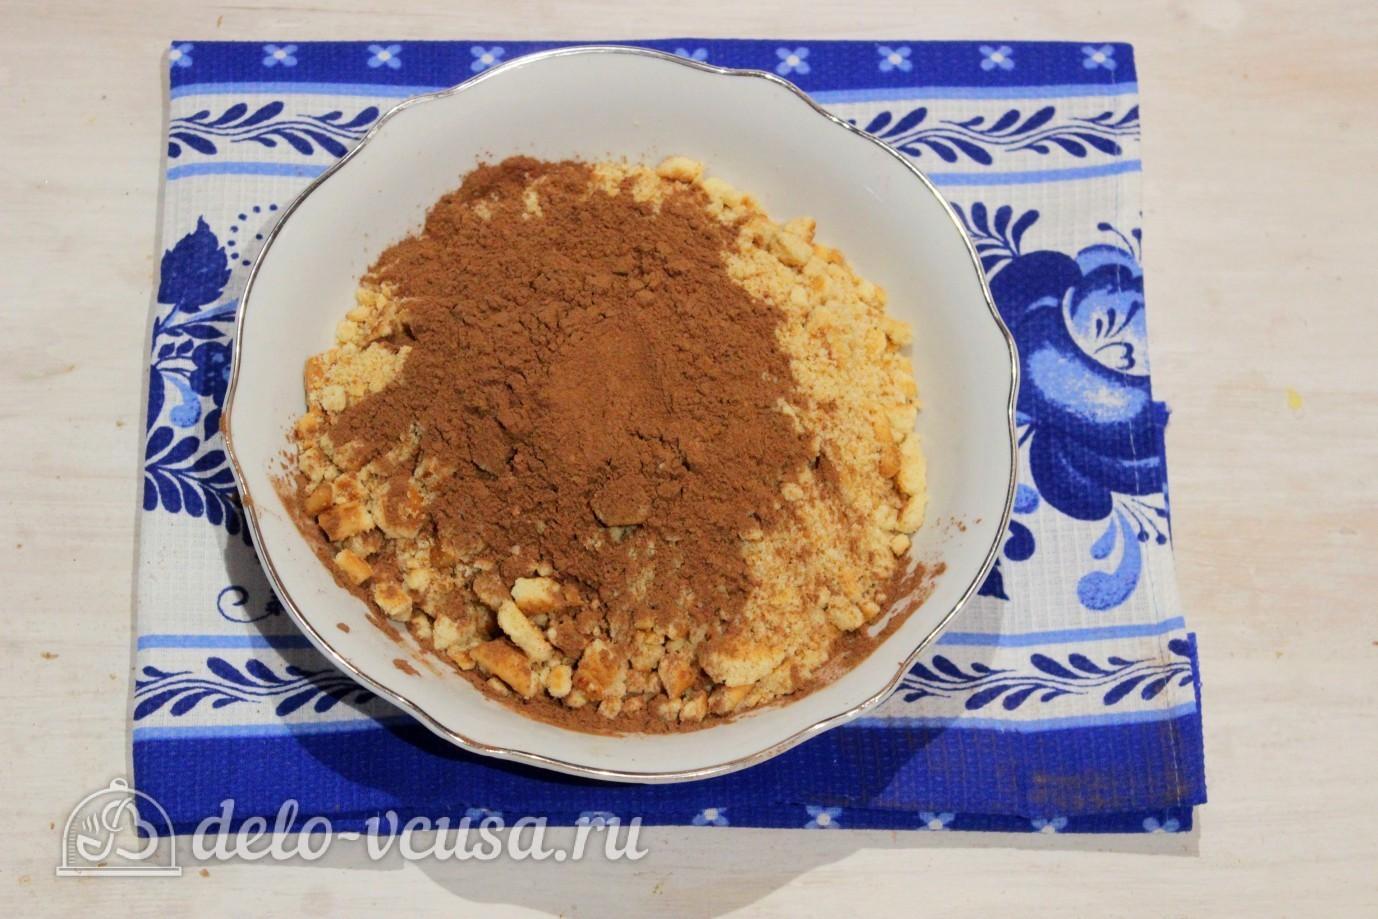 Пирожное Картошка без сгущенки (рецепт с фото) 88